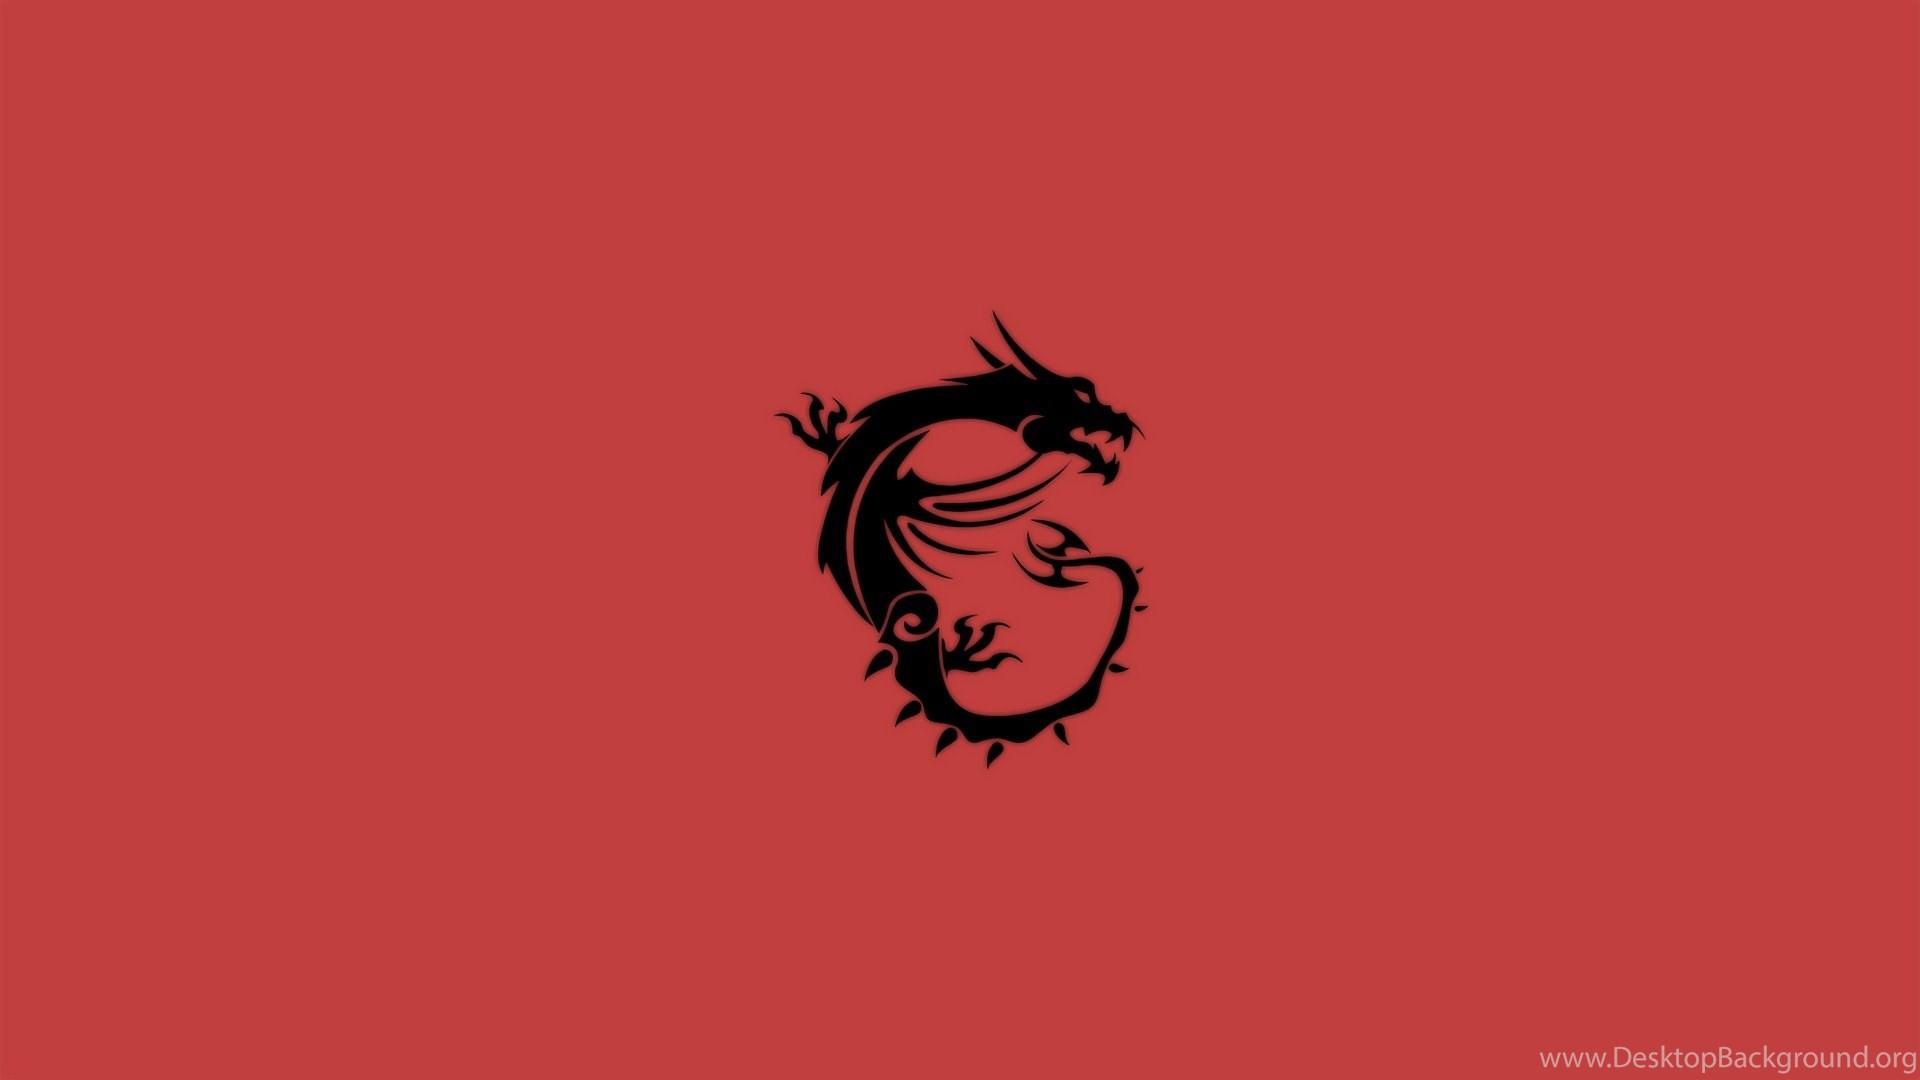 Msi dragon logo wallpapers red 1920x1080 4255 desktop background - Msi logo wallpaper ...